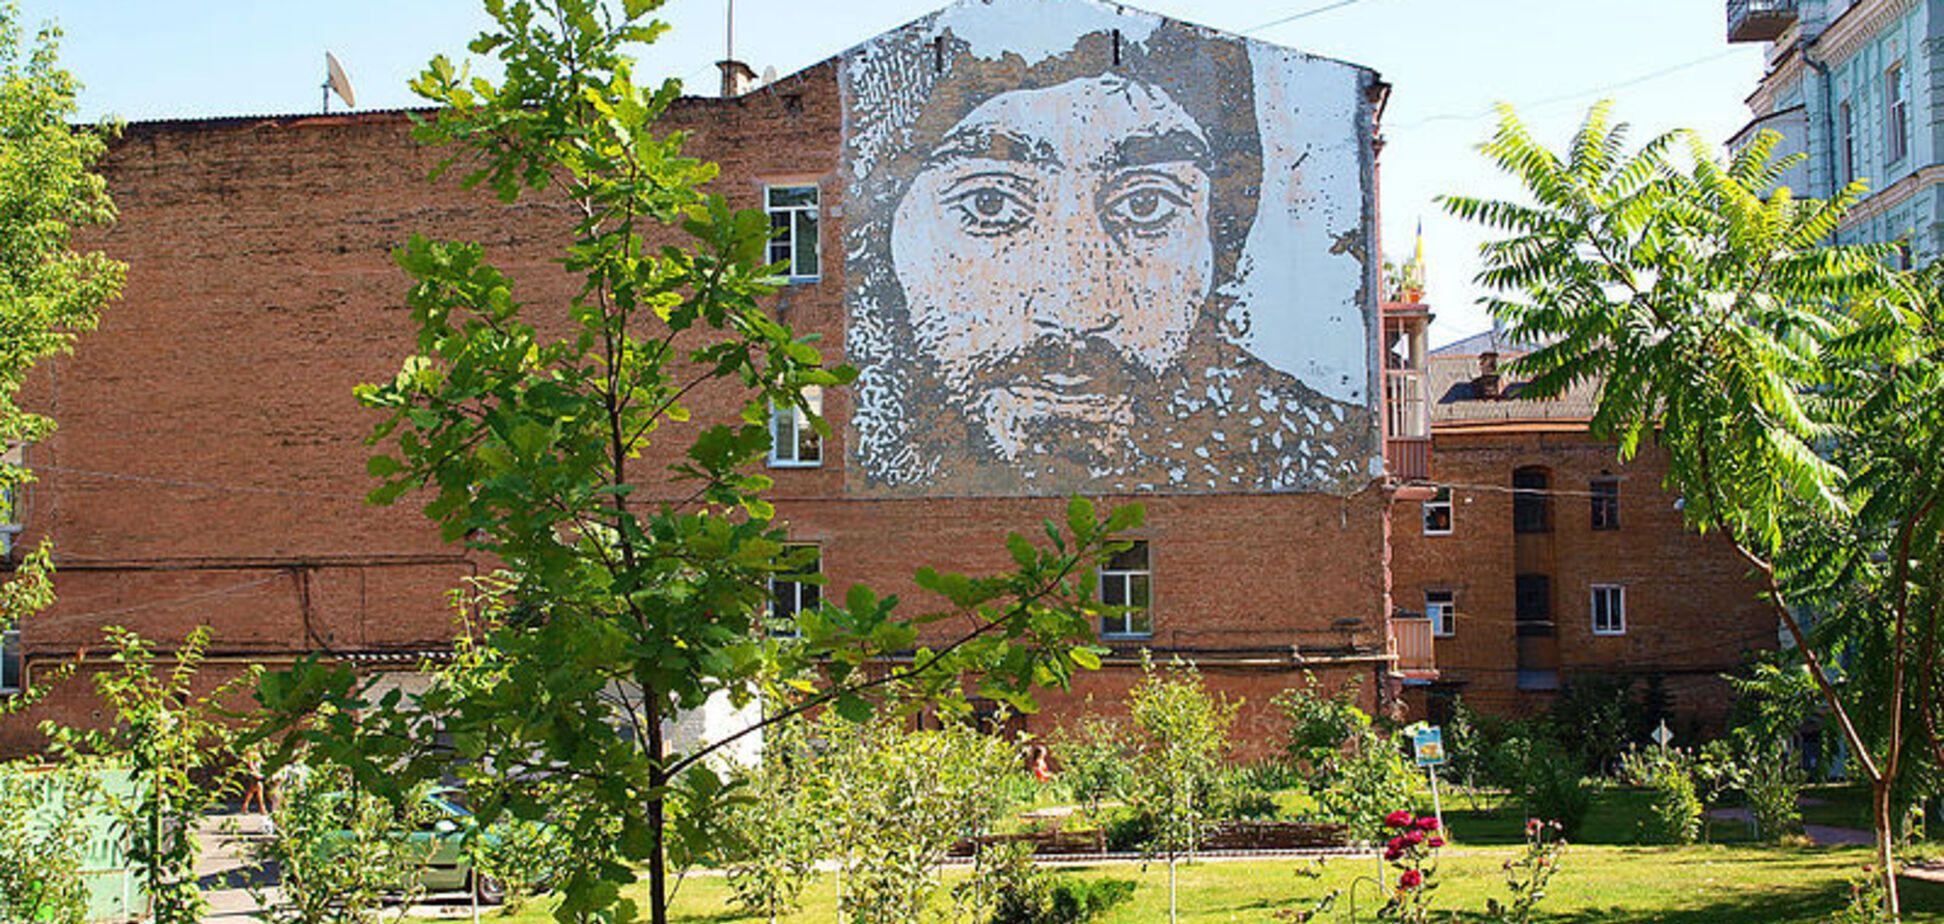 Сквер Небесної Сотні в центрі Києва передали у власніть міста та планують реконструювати